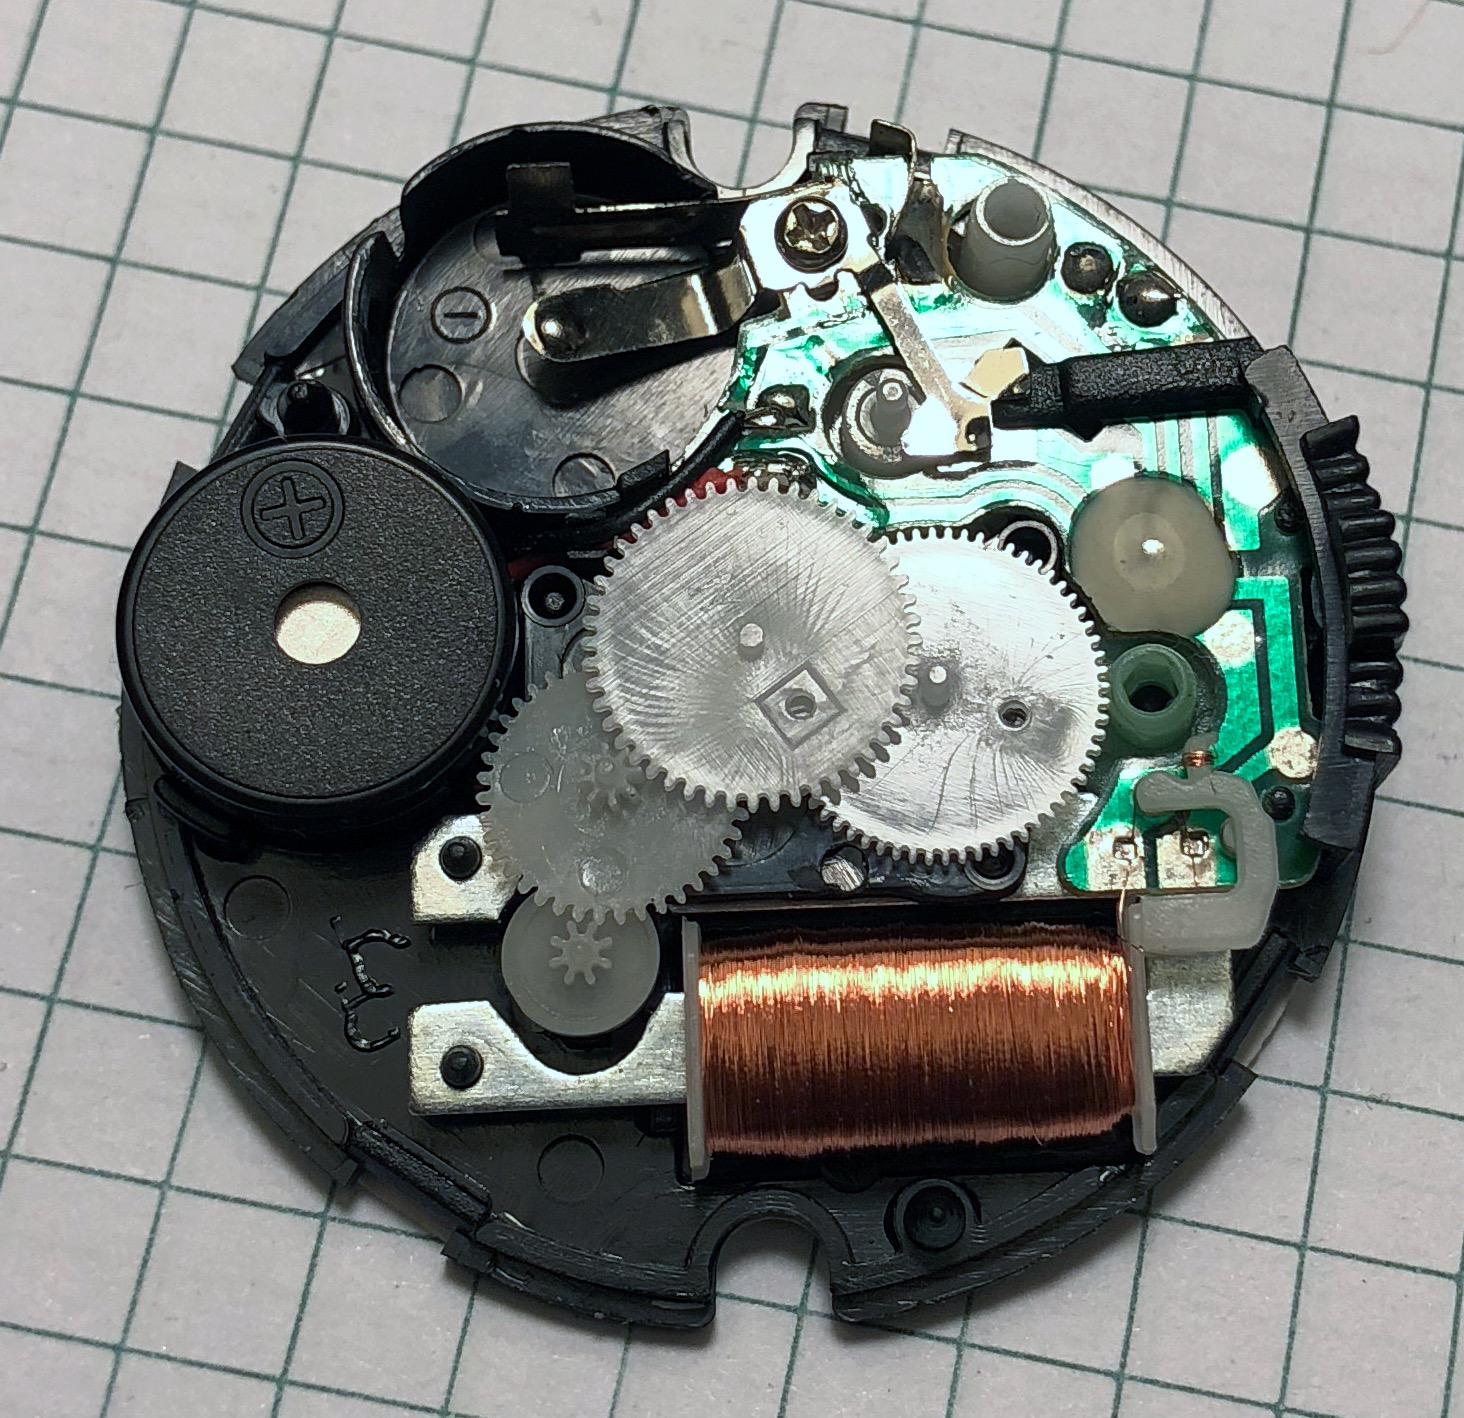 Un projet de compteur geiger à transistors - Page 2 Captu518